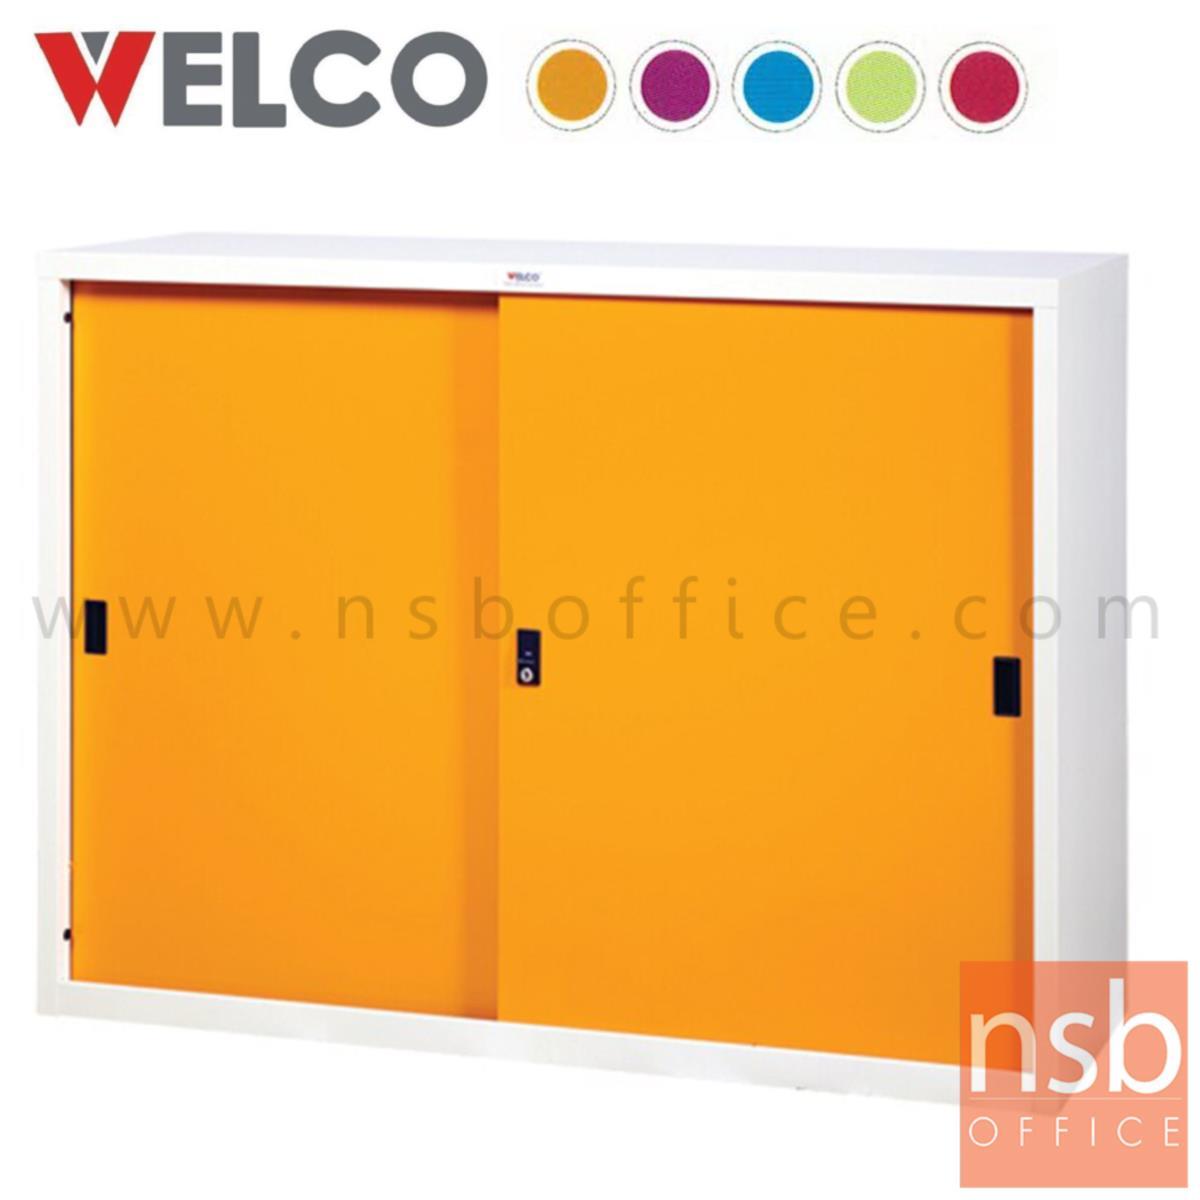 ตู้เอกสารบานเลื่อนทึบเตี้ย 87.8H cm. ขนาด 3, 4 และ 5 ฟุต เวลโก(WELCO) รุ่น WSL